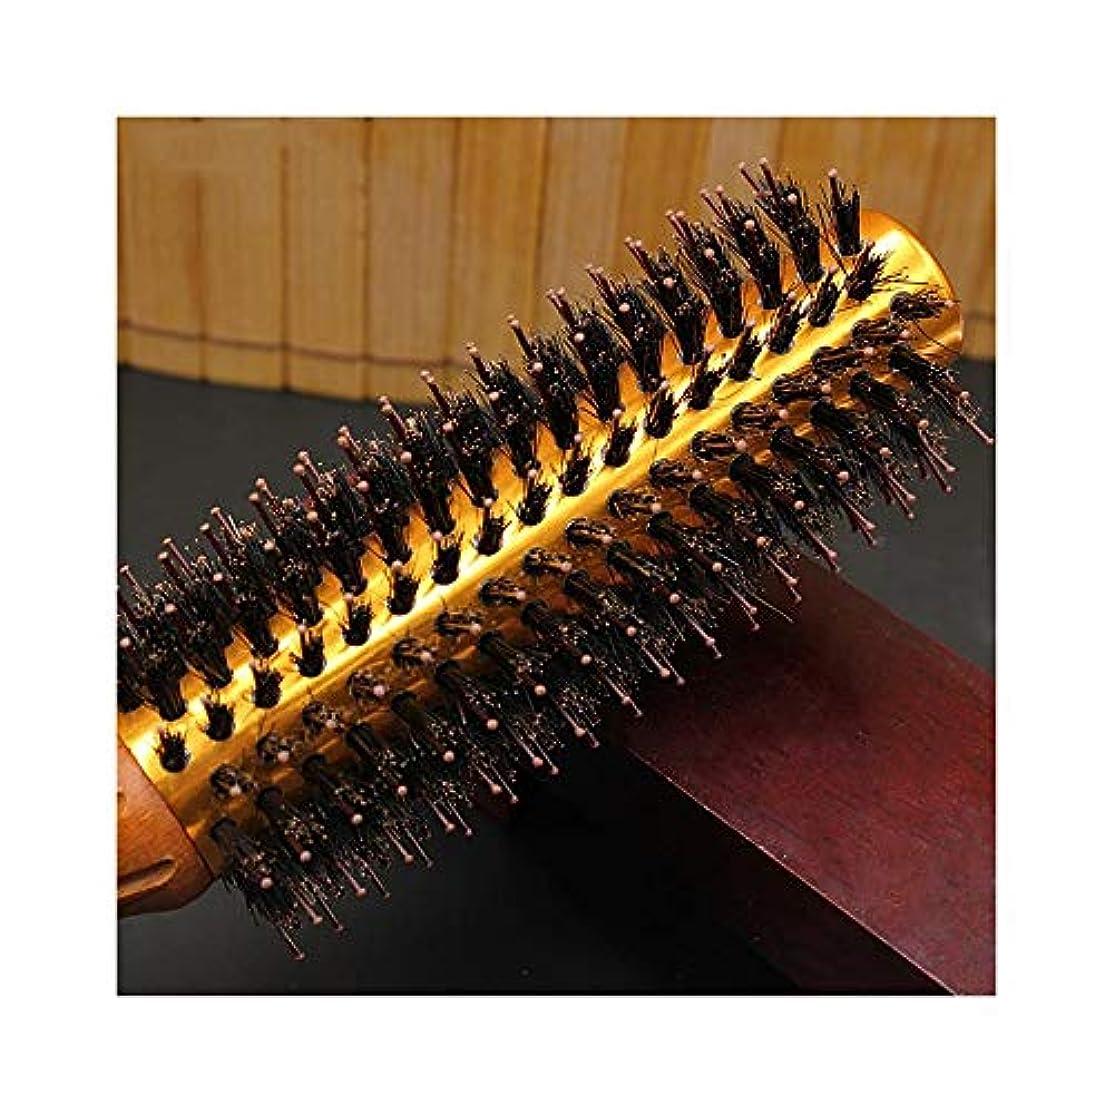 前部緩む上回るWASAIO ヘアブラシブラシラウンドブロー乾燥自然毛スタイリング用ナイロンプロくし (サイズ : L)